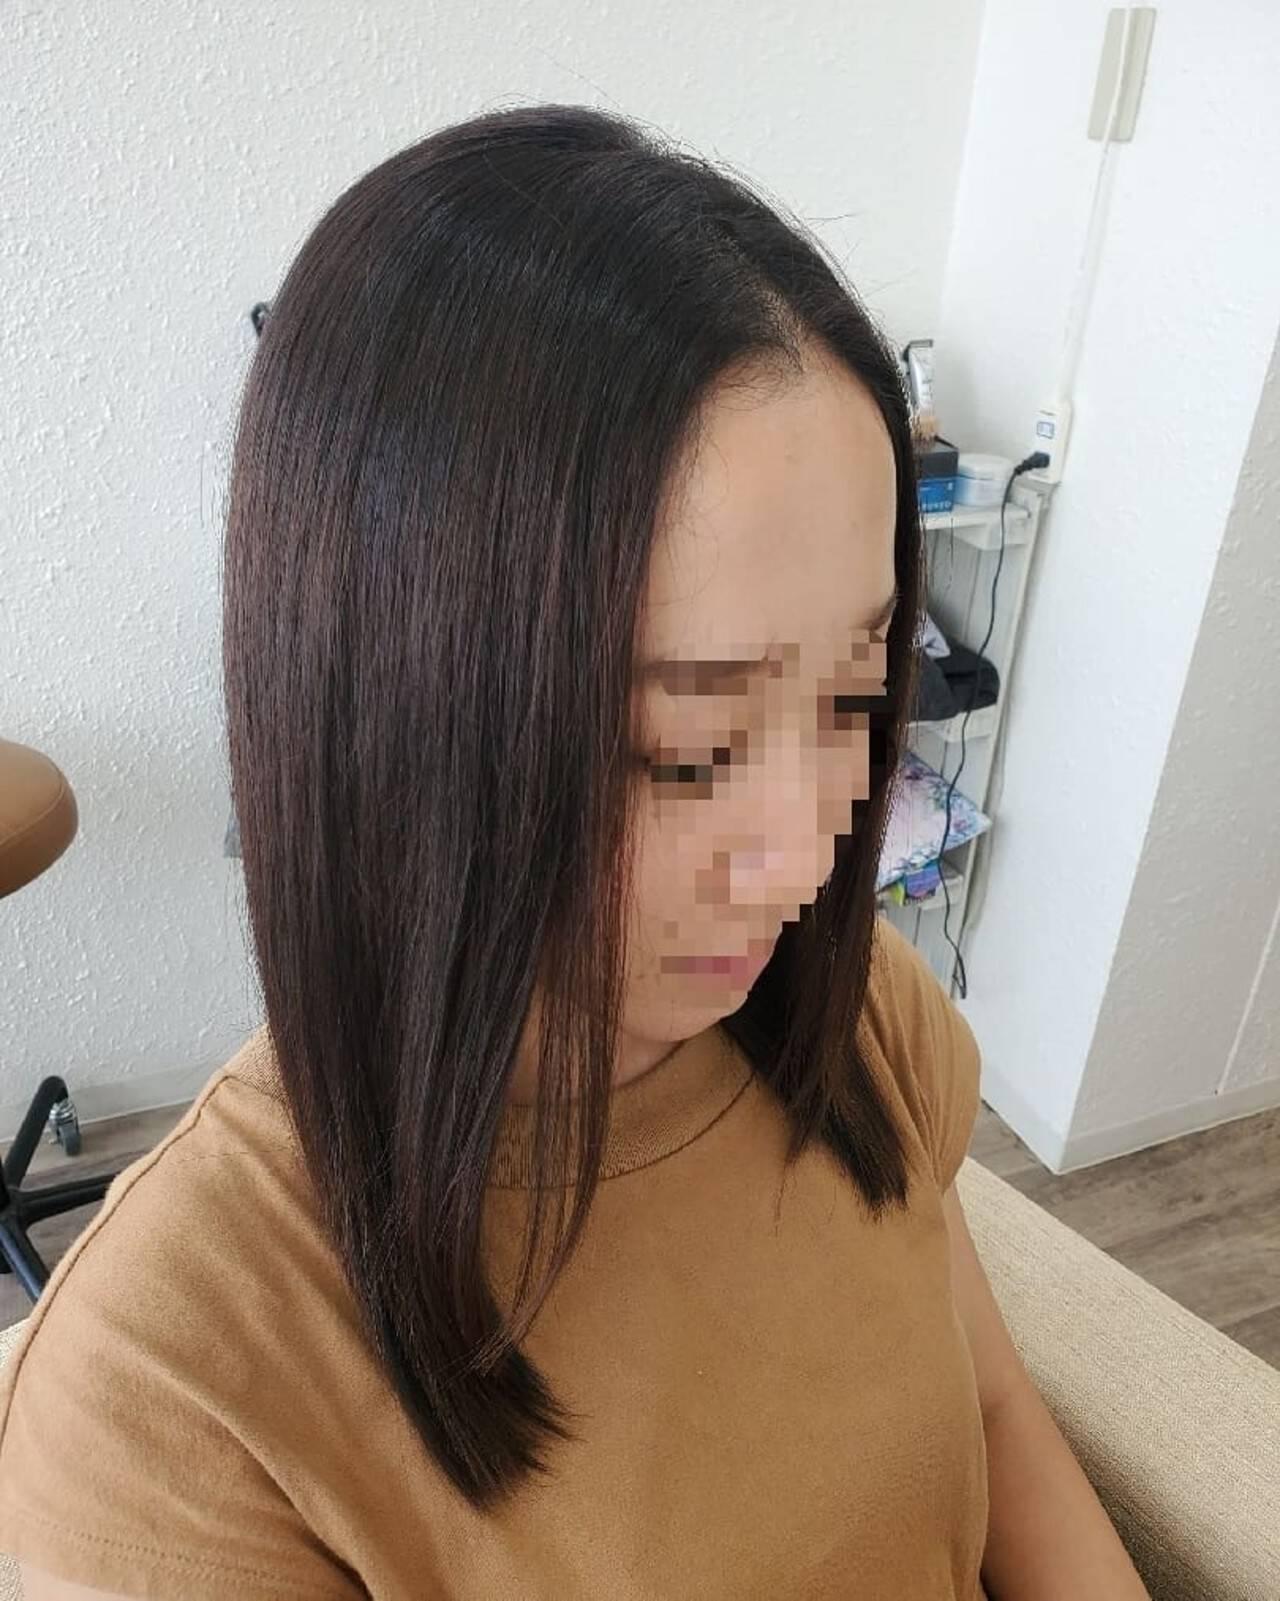 セミロング ナチュラル ストカール 縮毛矯正ストカールヘアスタイルや髪型の写真・画像